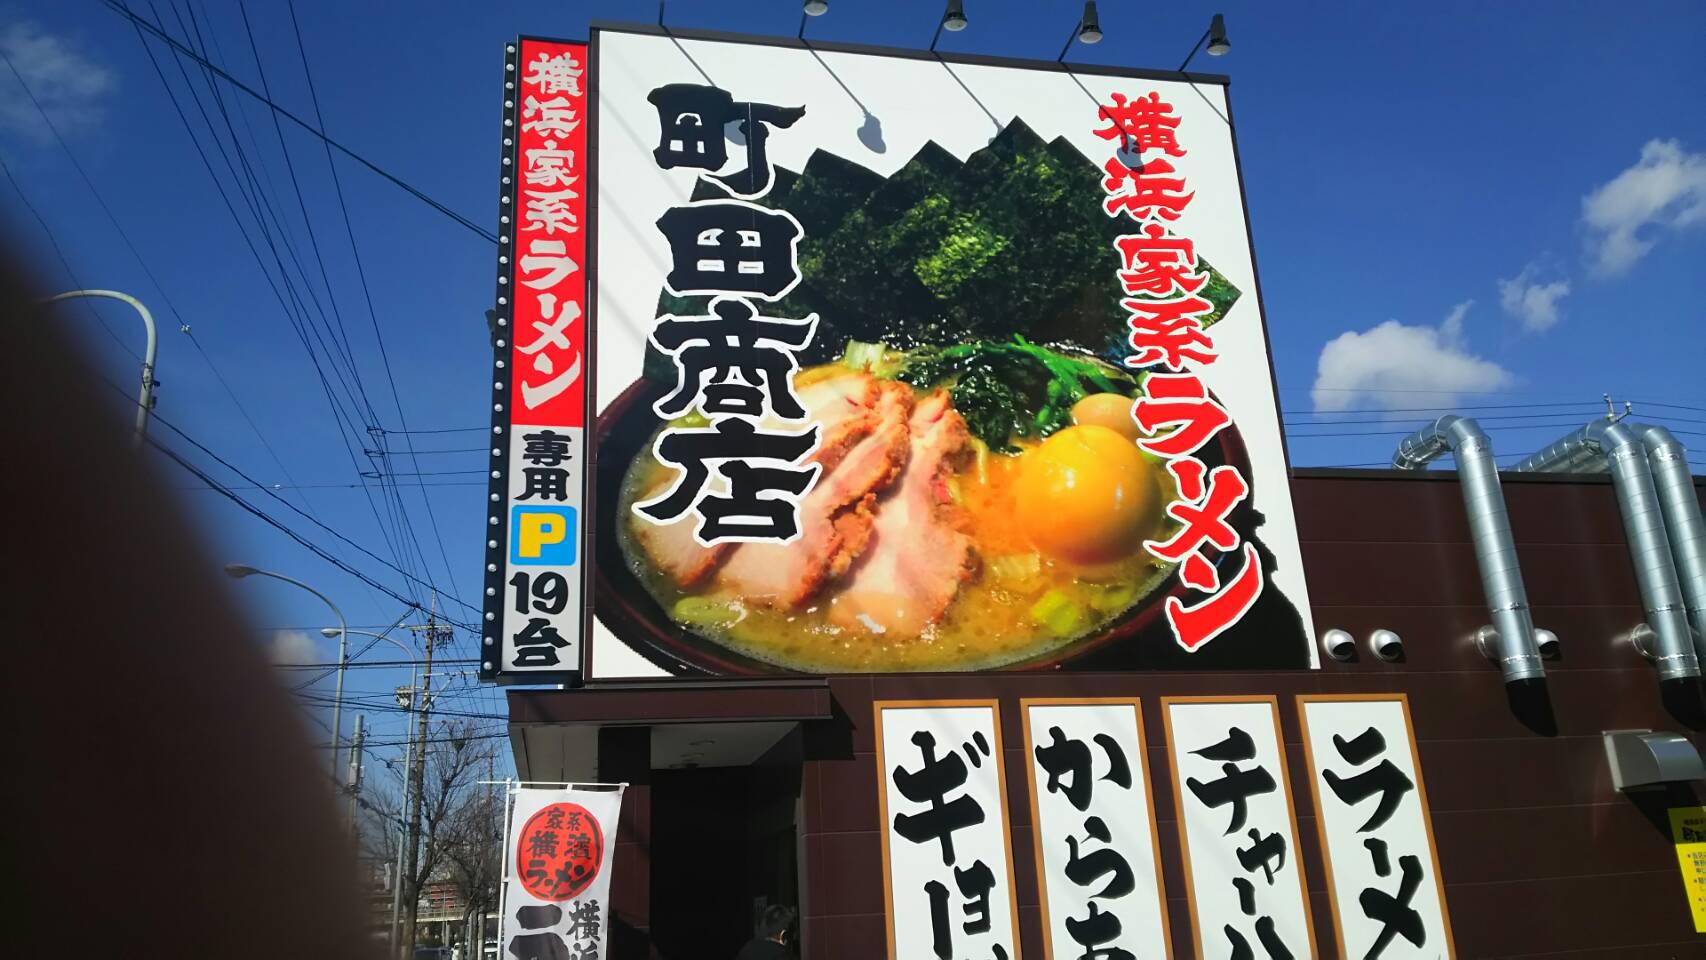 店員さんの元気がもらえる!名古屋市中川区太平通 町田商店 太平通店に行ってきた!